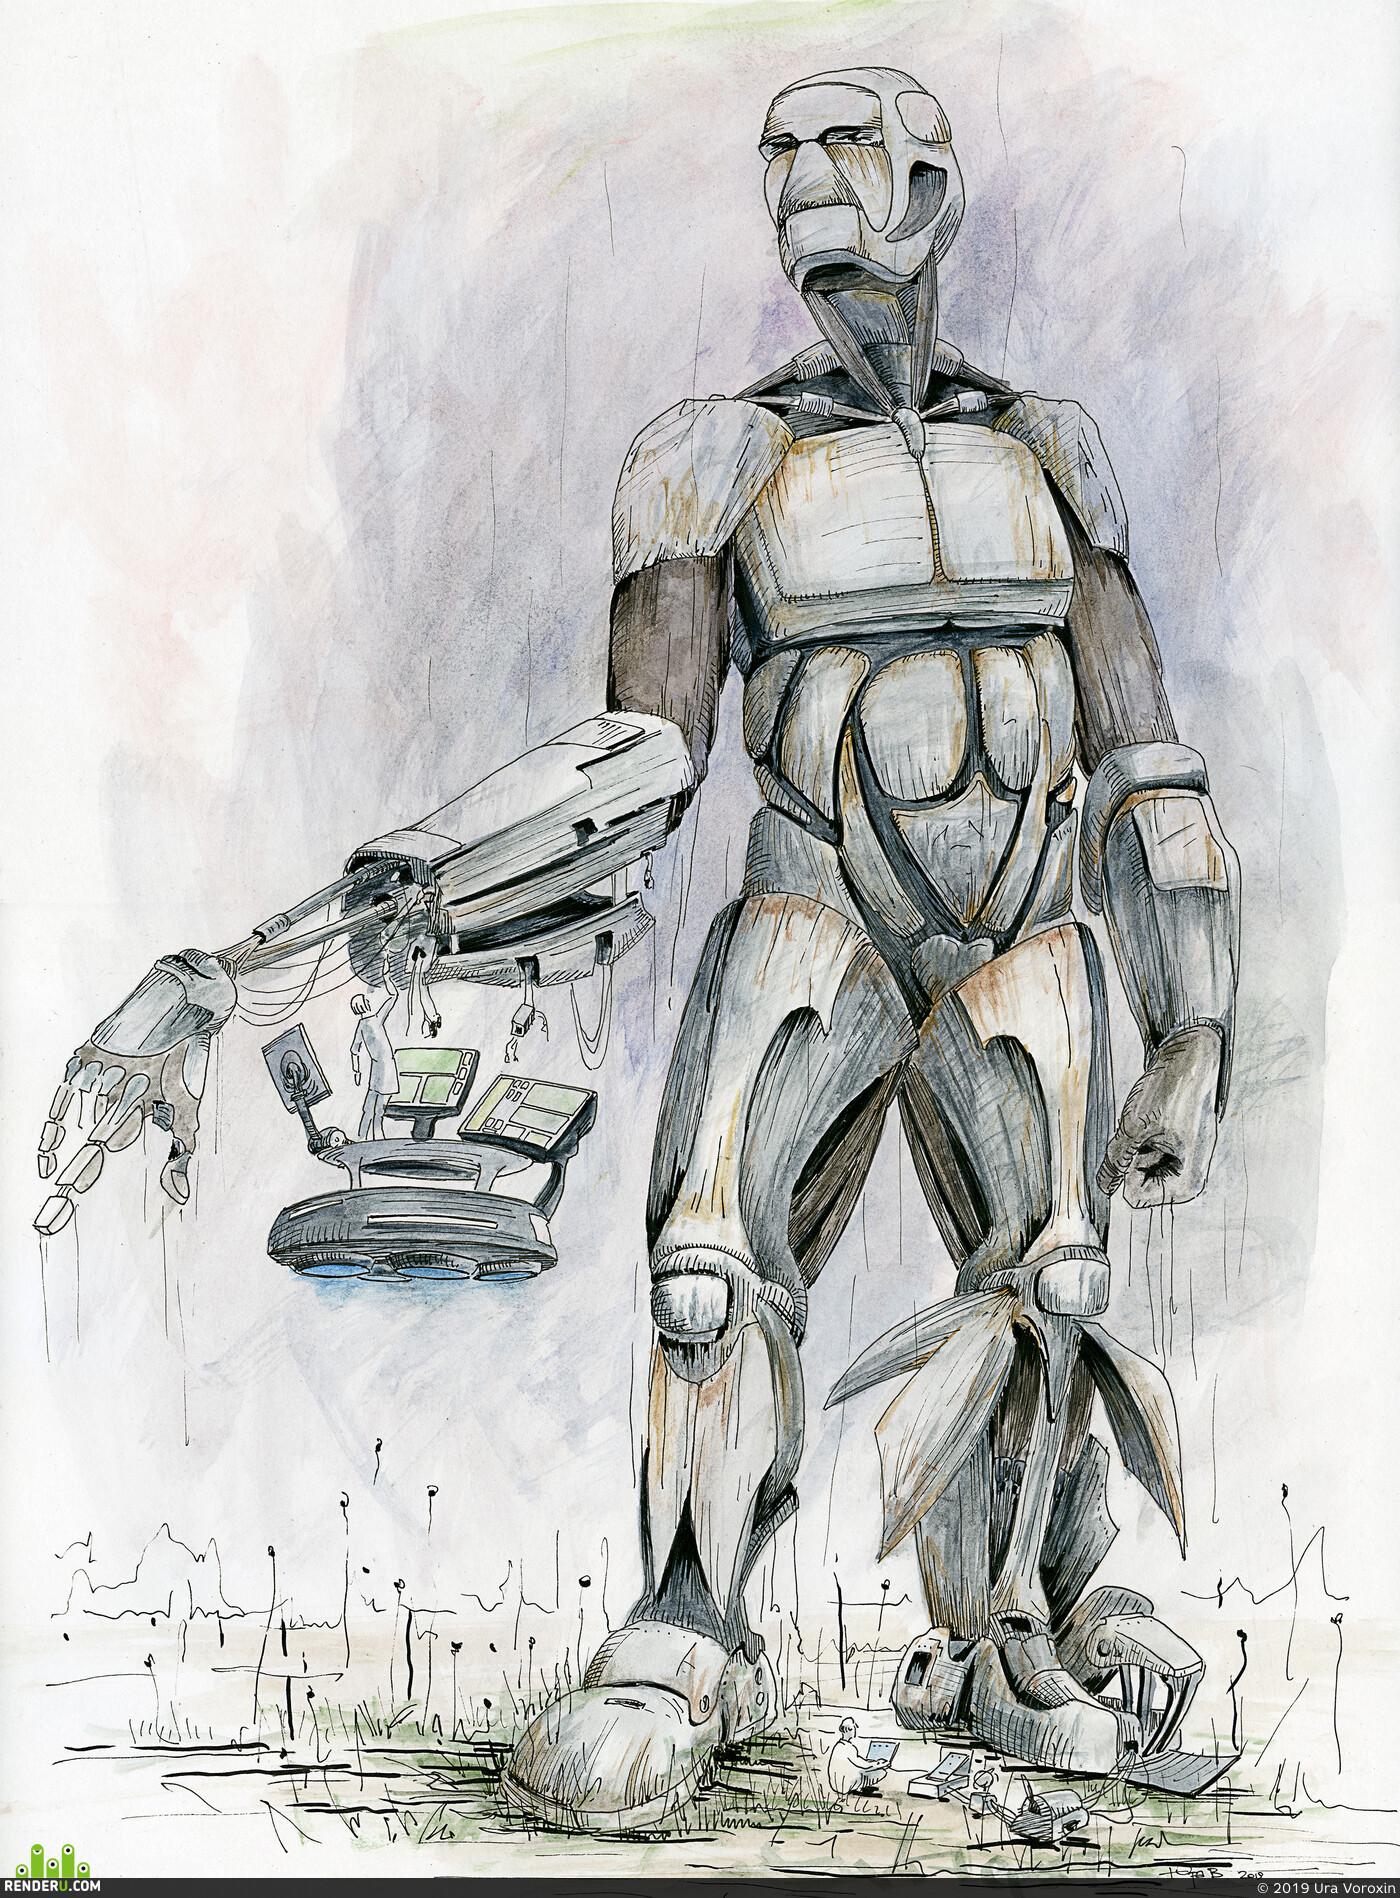 робот, Концепт-арт, иллюстрация, традиционное искусство